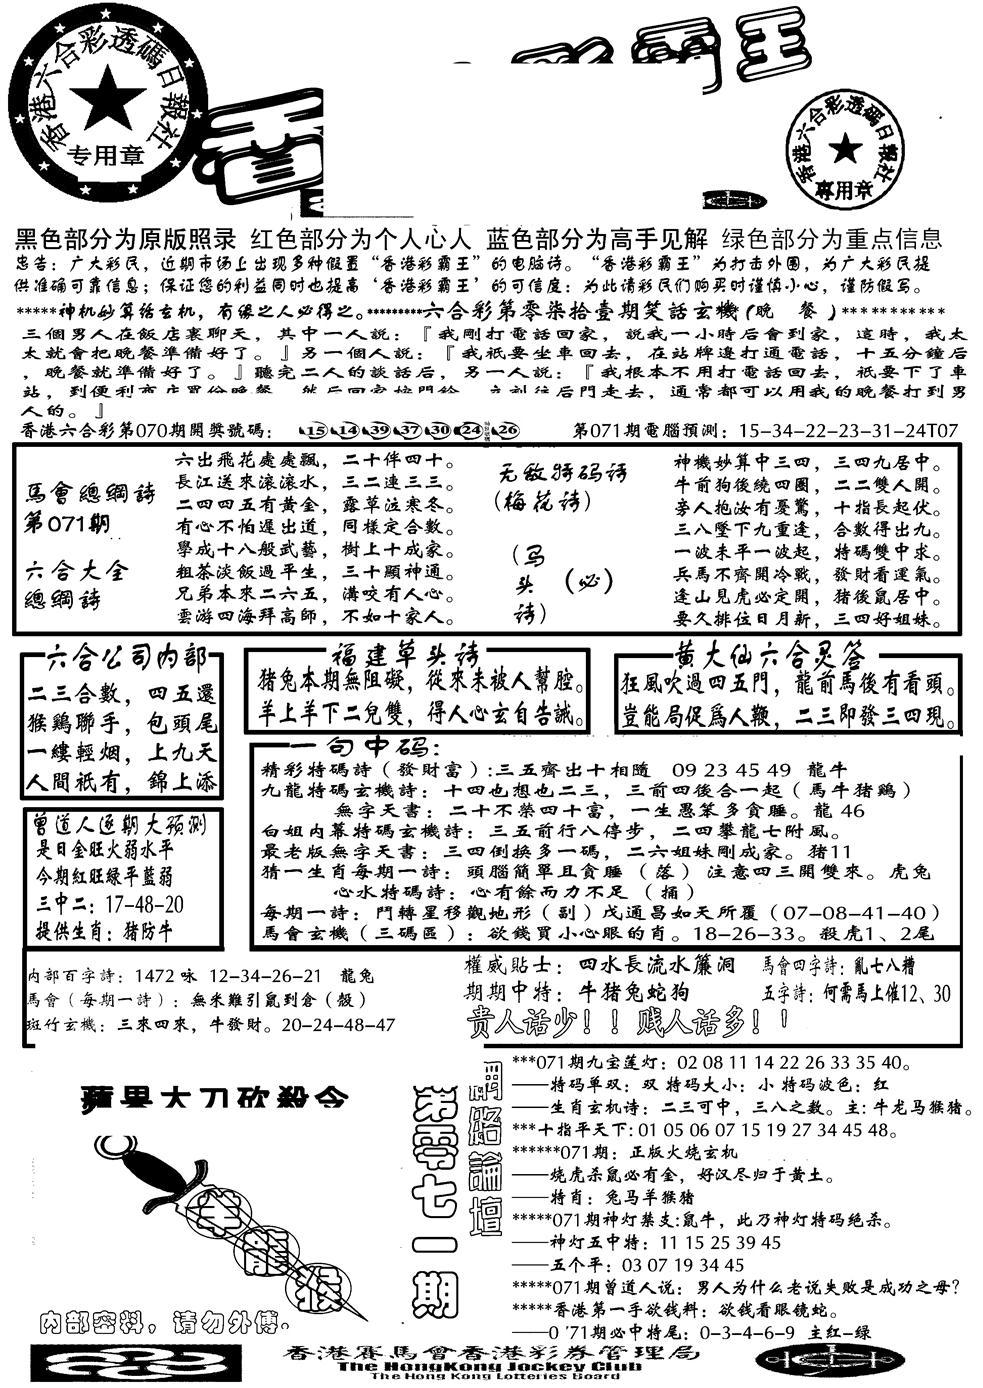 071期大刀彩霸王A(黑白)